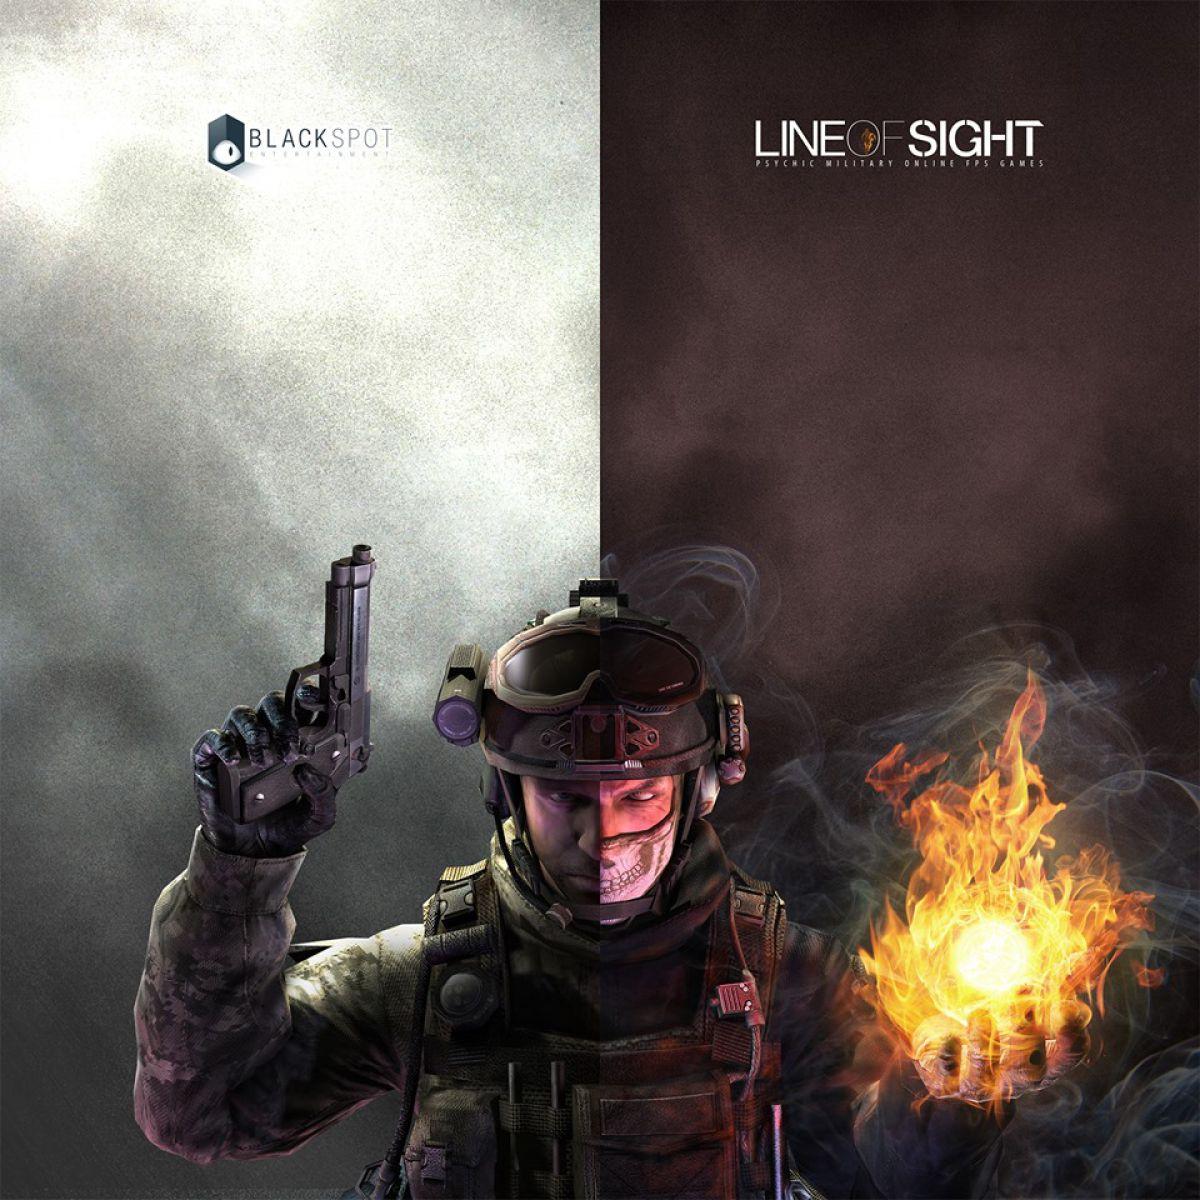 Новый бесплатный шутер Line of Sight появится в Steam в сентябре